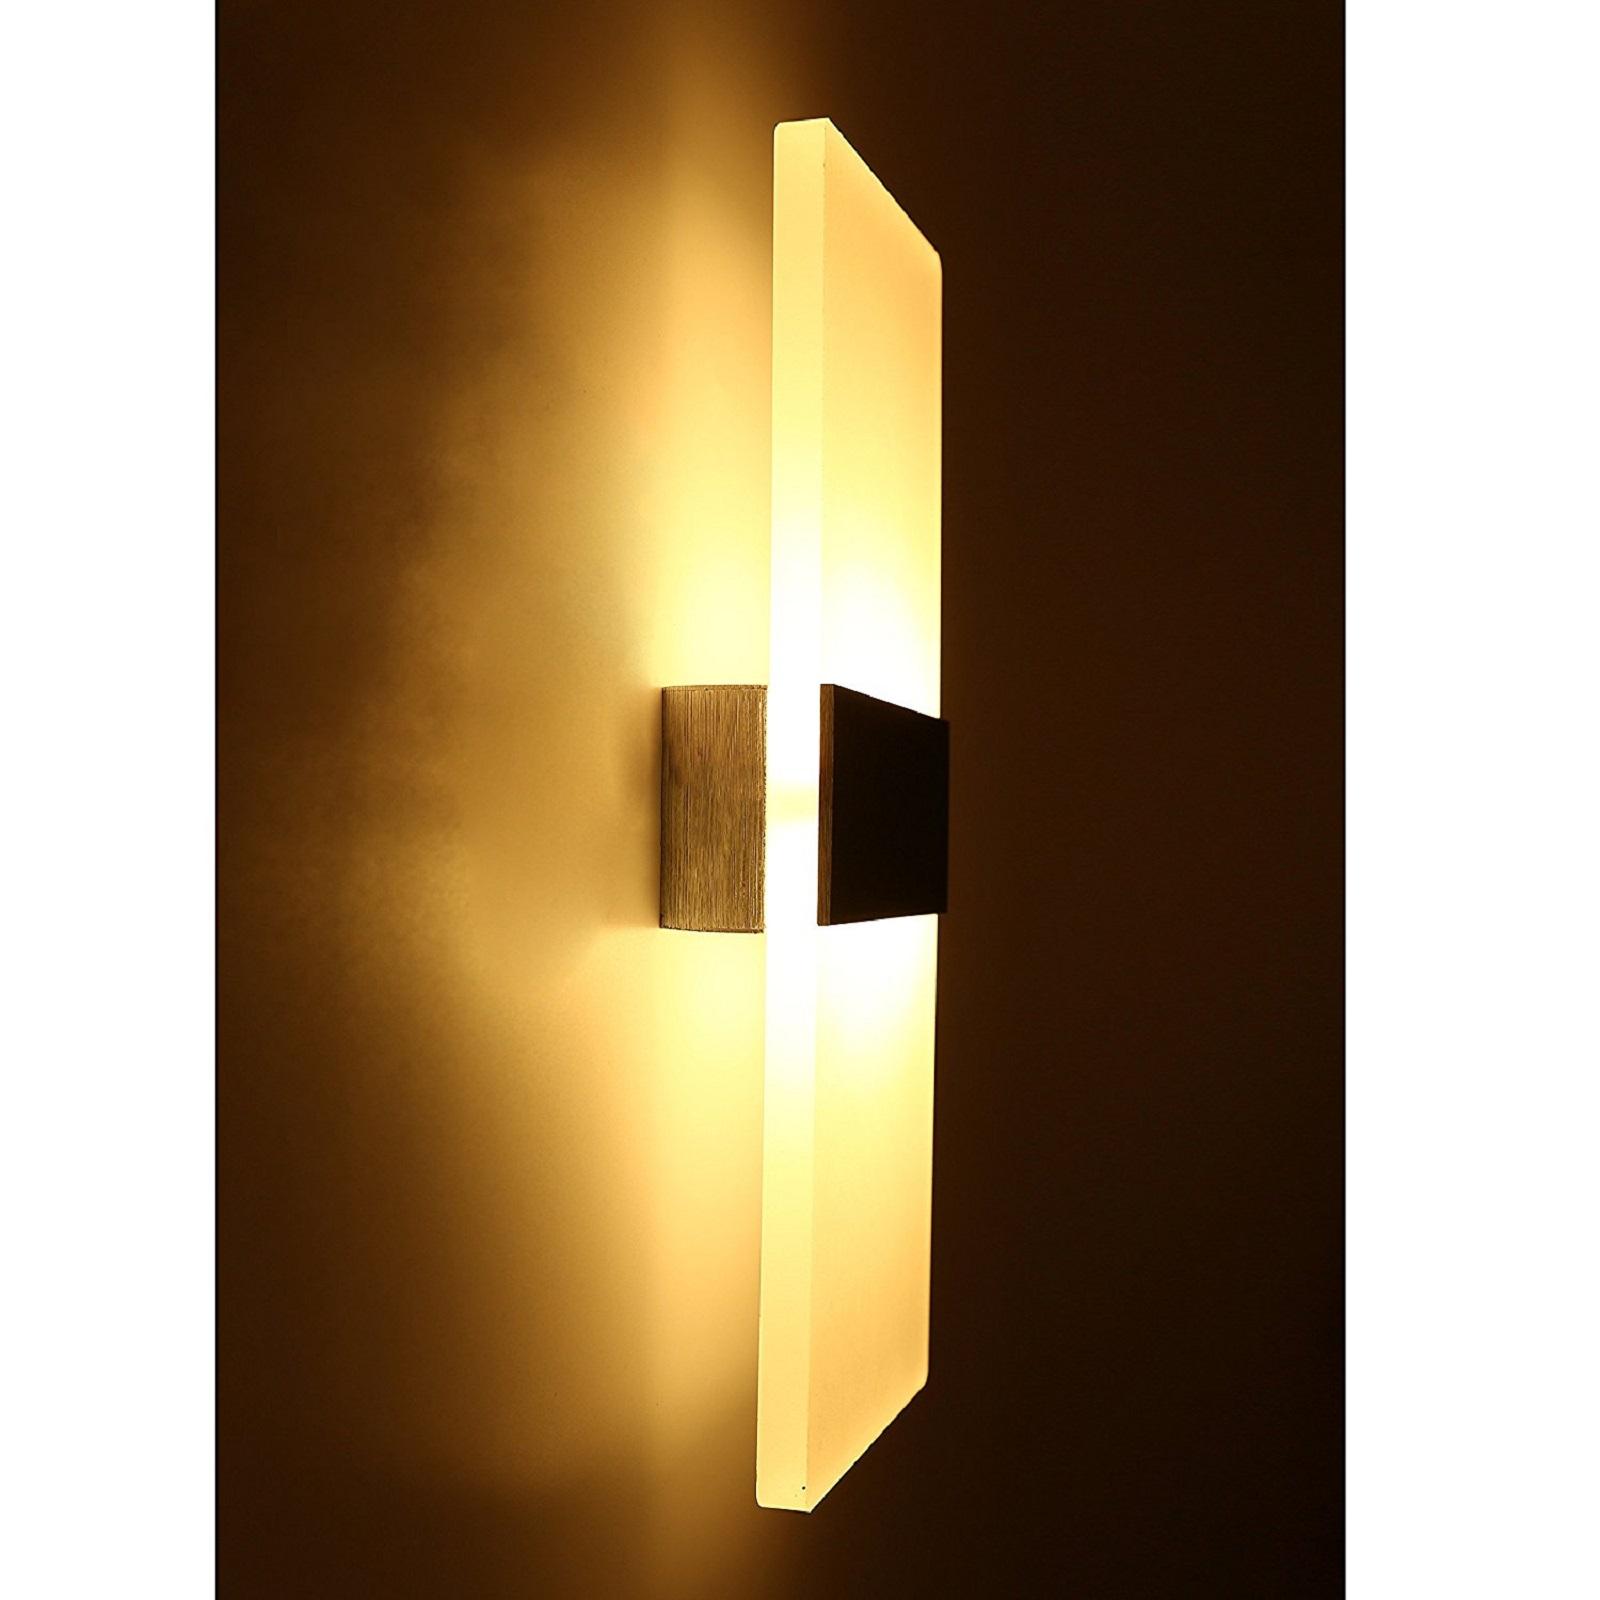 Illuminazione interni parete - :: prova sito::: - Lampada parete LED ...